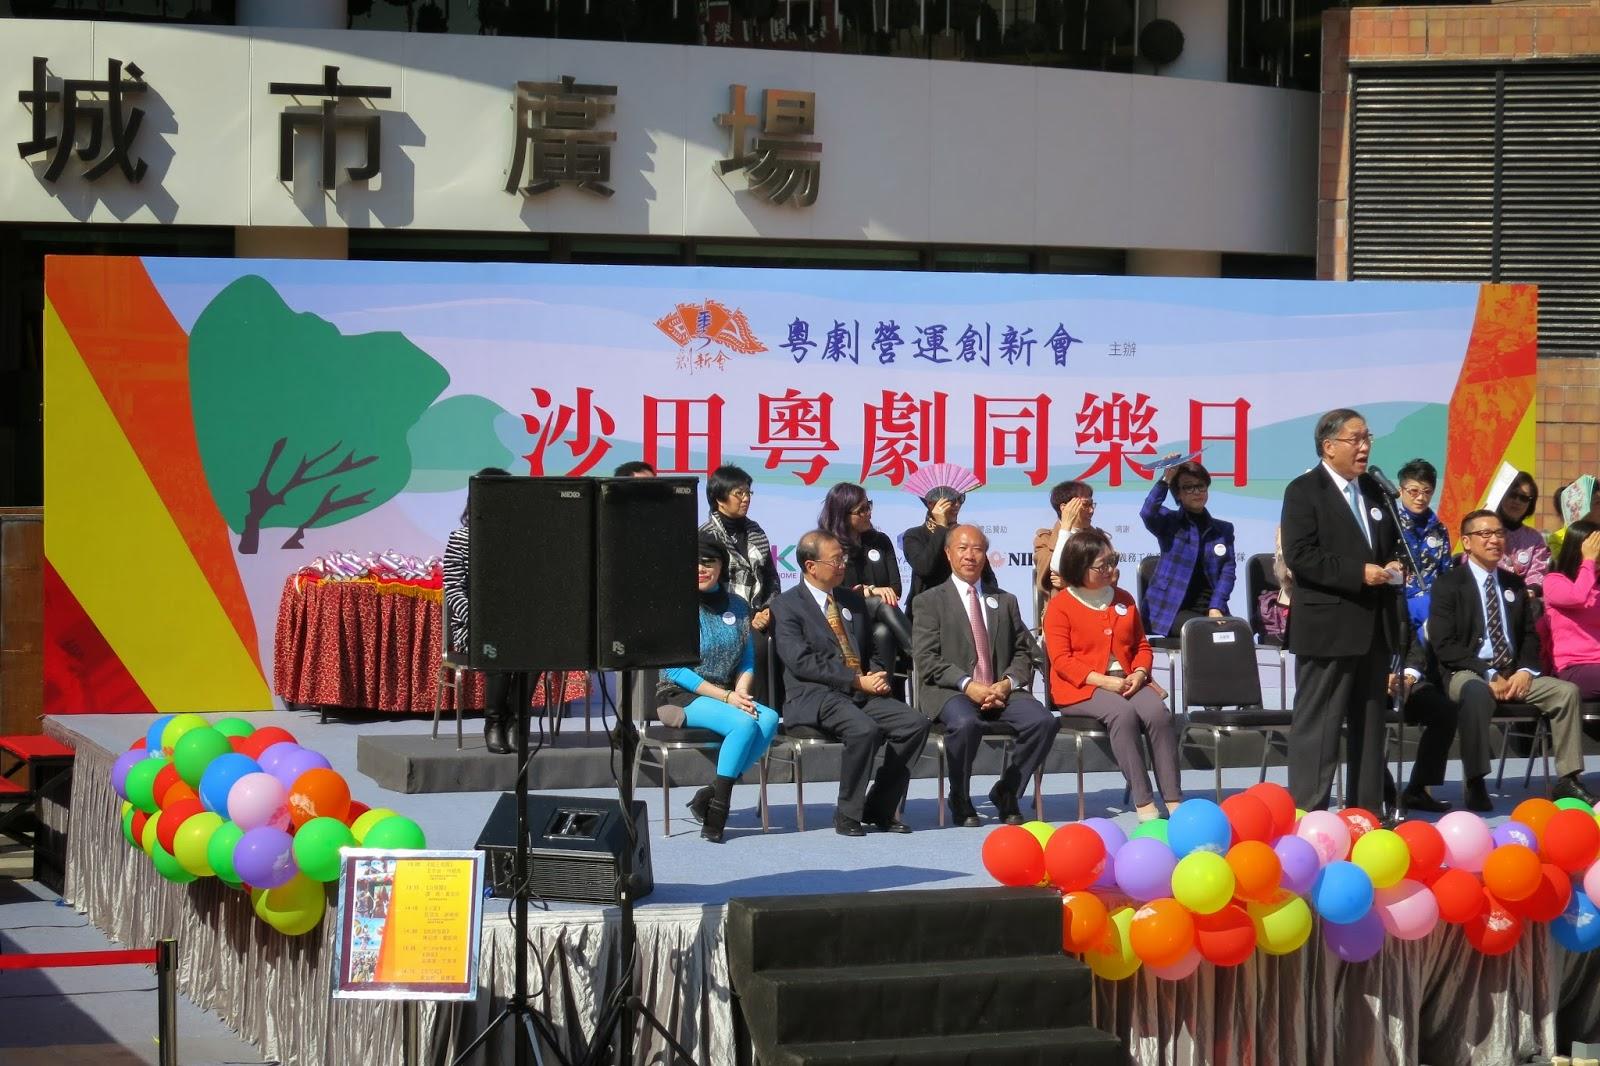 外國月亮: 沙田粵劇同樂日2013